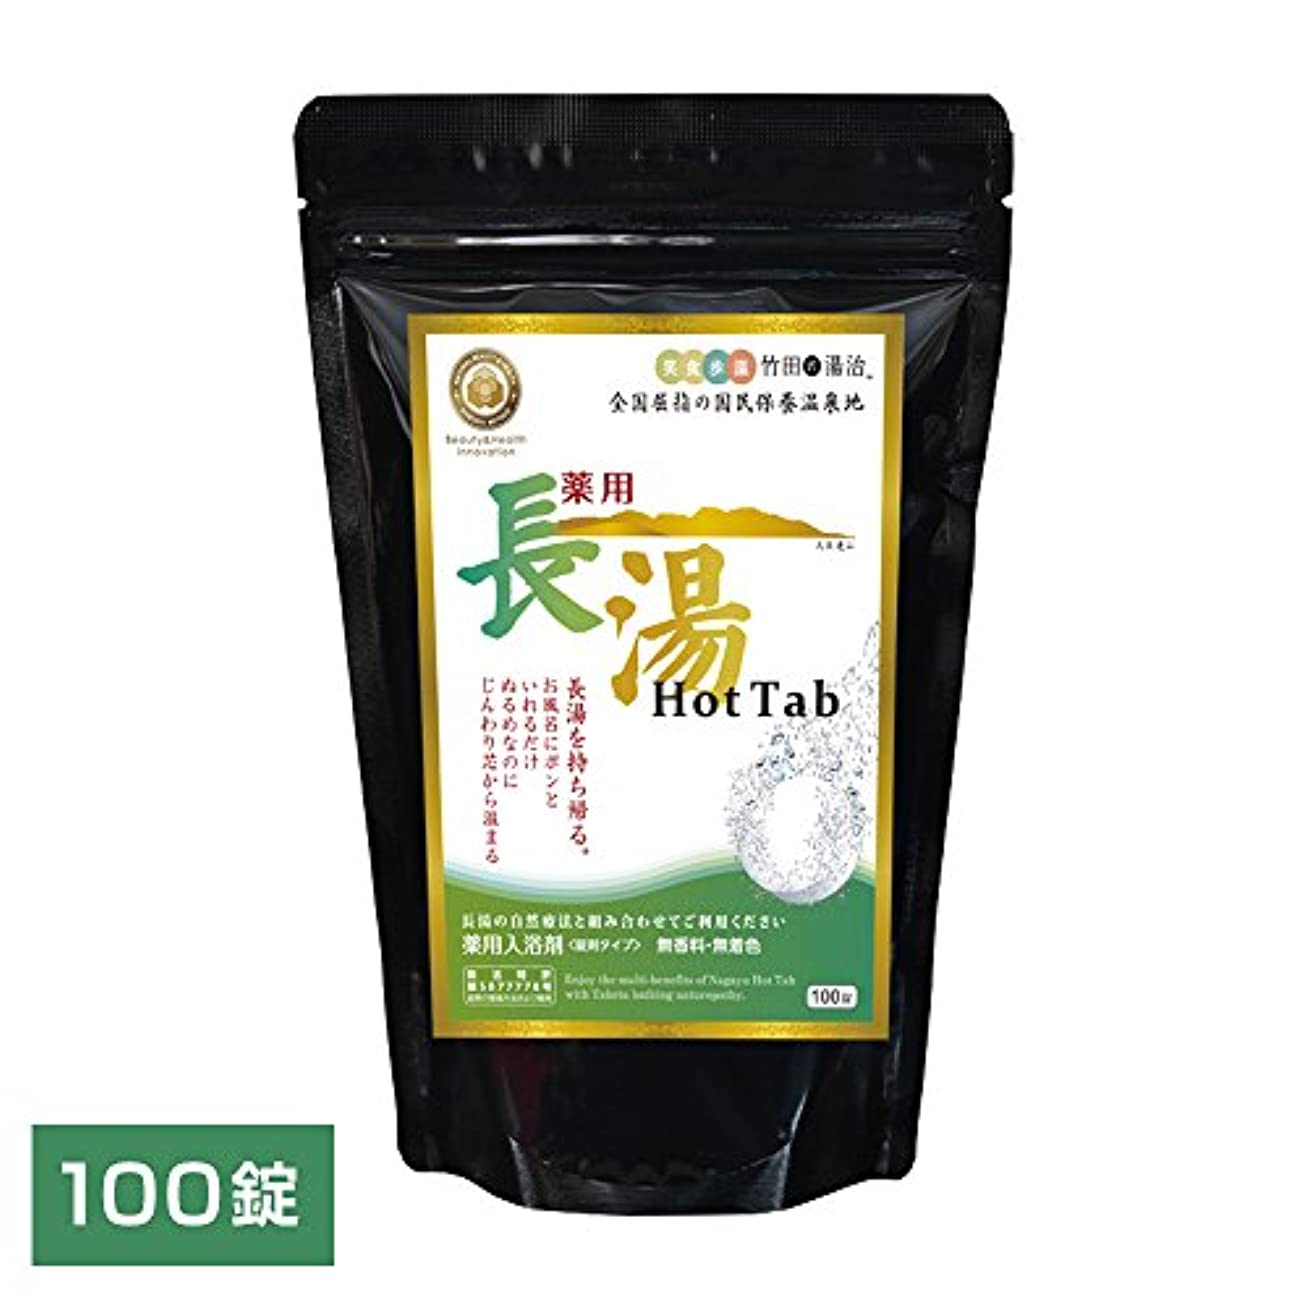 ウェブ簡略化するスラムHot Tab 重炭酸入浴剤 (医薬部外品) 薬用長湯ホットタブ (皮脂汚れを重炭酸の力で除去 美容健康入浴剤 炭酸泉タブレット) 100錠